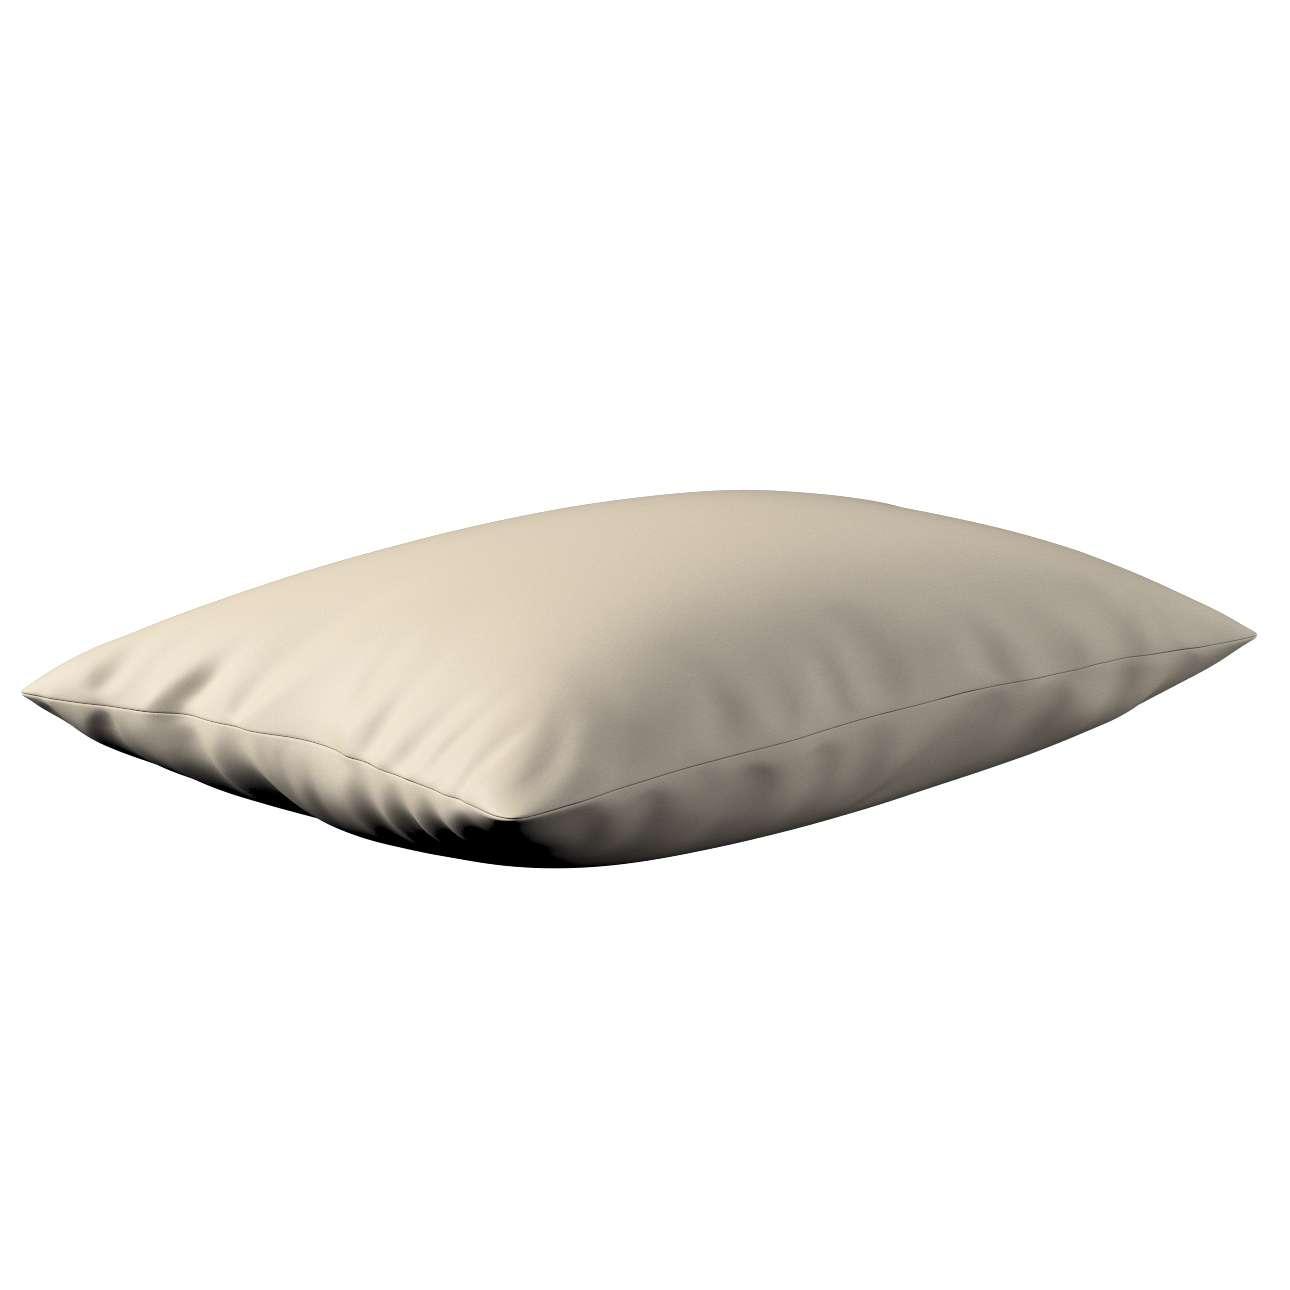 Kinga dekoratyvinės pagalvėlės užvalkalas 60x40cm 60 × 40 cm kolekcijoje Damasco, audinys: 141-73